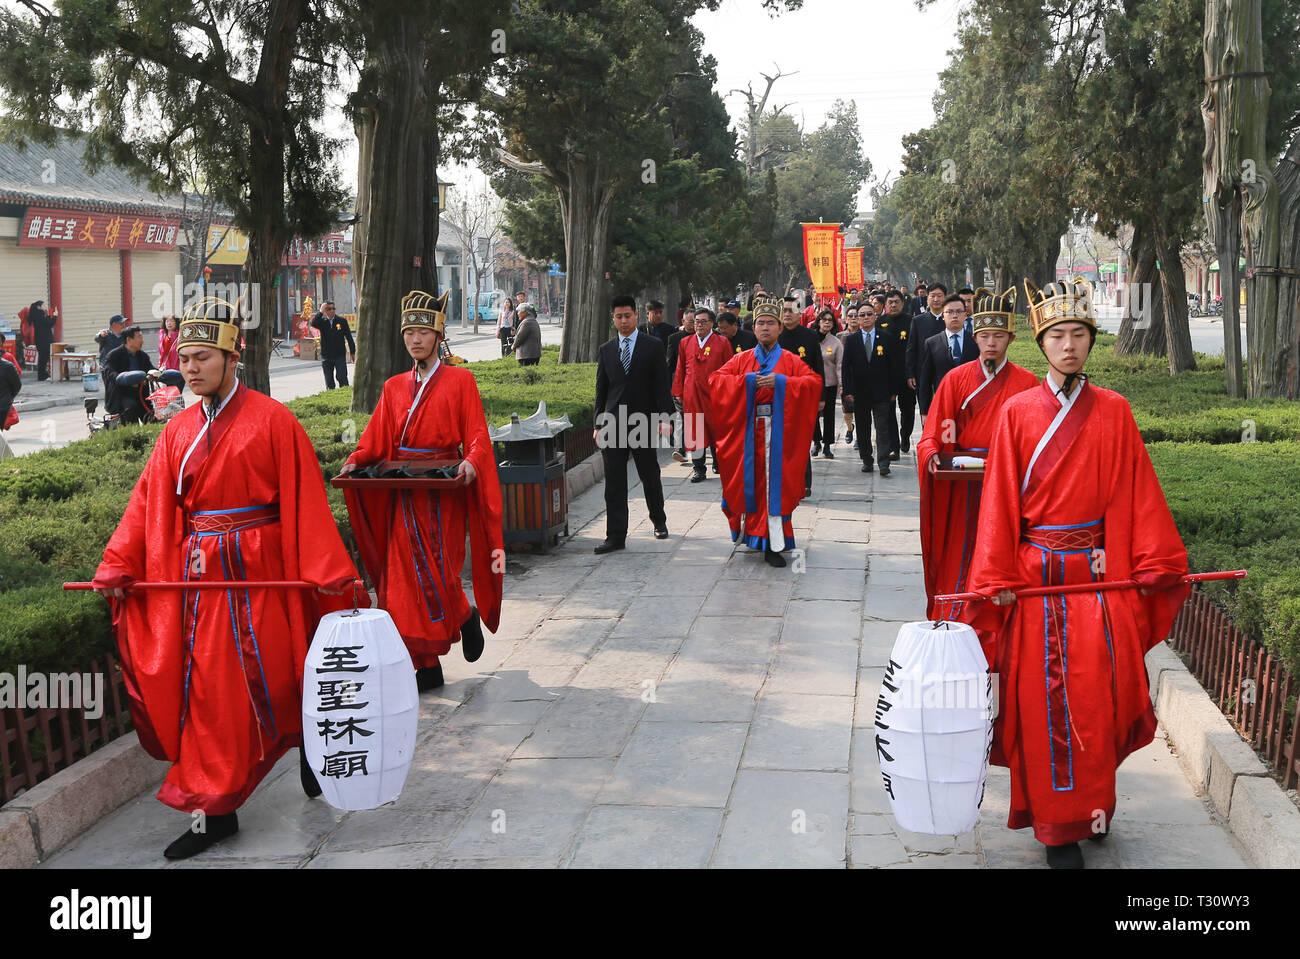 Qufu. 5 Apr, 2019. Menschen gehen eine Gedenkfeier für der chinesische Philosoph Konfuzius in Qufu, Osten Chinas Provinz Shandong, April 5, 2019, anlässlich der Chinas traditionelle Tomb-Sweeping Day zu besuchen. Mehr als 400 Nachkommen von Konfuzius aus ganz China und aus der Republik Korea (ROK) nahmen an der Veranstaltung in der konfuzius Friedhof, größte Familie Friedhof der Welt mit über 100.000 Gräbern. Konfuzius (551-479 v. Chr.) war ein Pädagoge und Philosoph, der Konfuzianismus, eine Schule des Denkens tief Einfluss auf spätere Generationen gegründet. Credit: Wang Nan/Xinhua/Alamy leben Nachrichten Stockbild